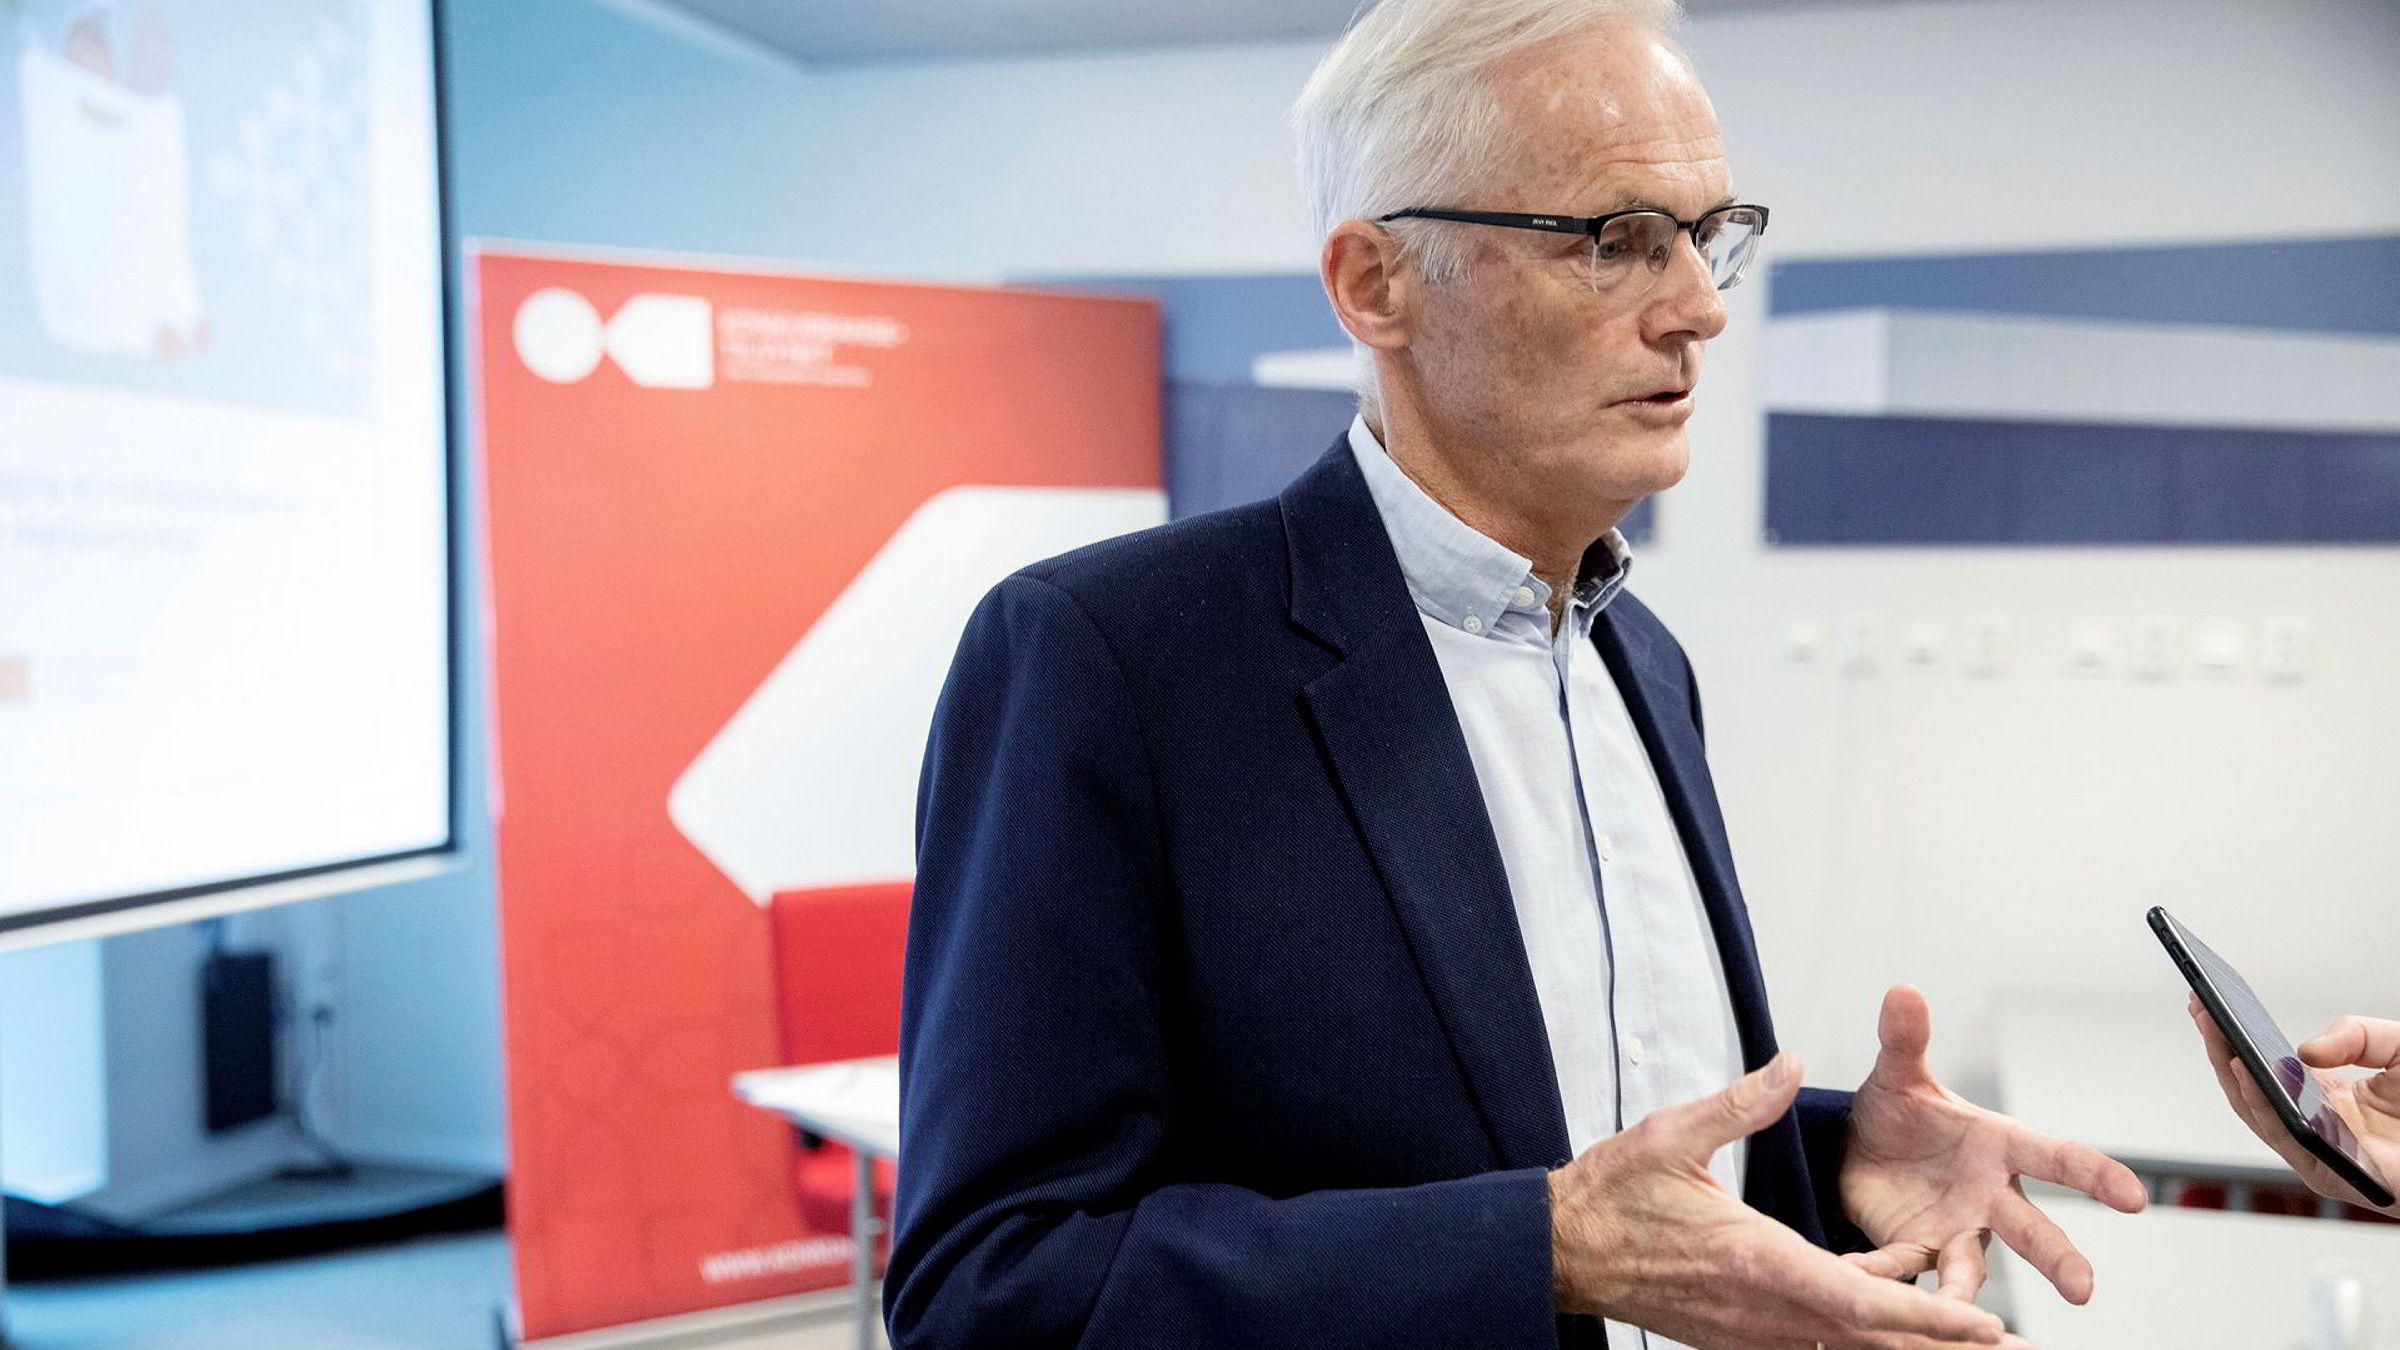 – Vi har vært bekymret for konkurransen i telemarkedet i mange år, sier konkurransedirektør Lars Sørgard.